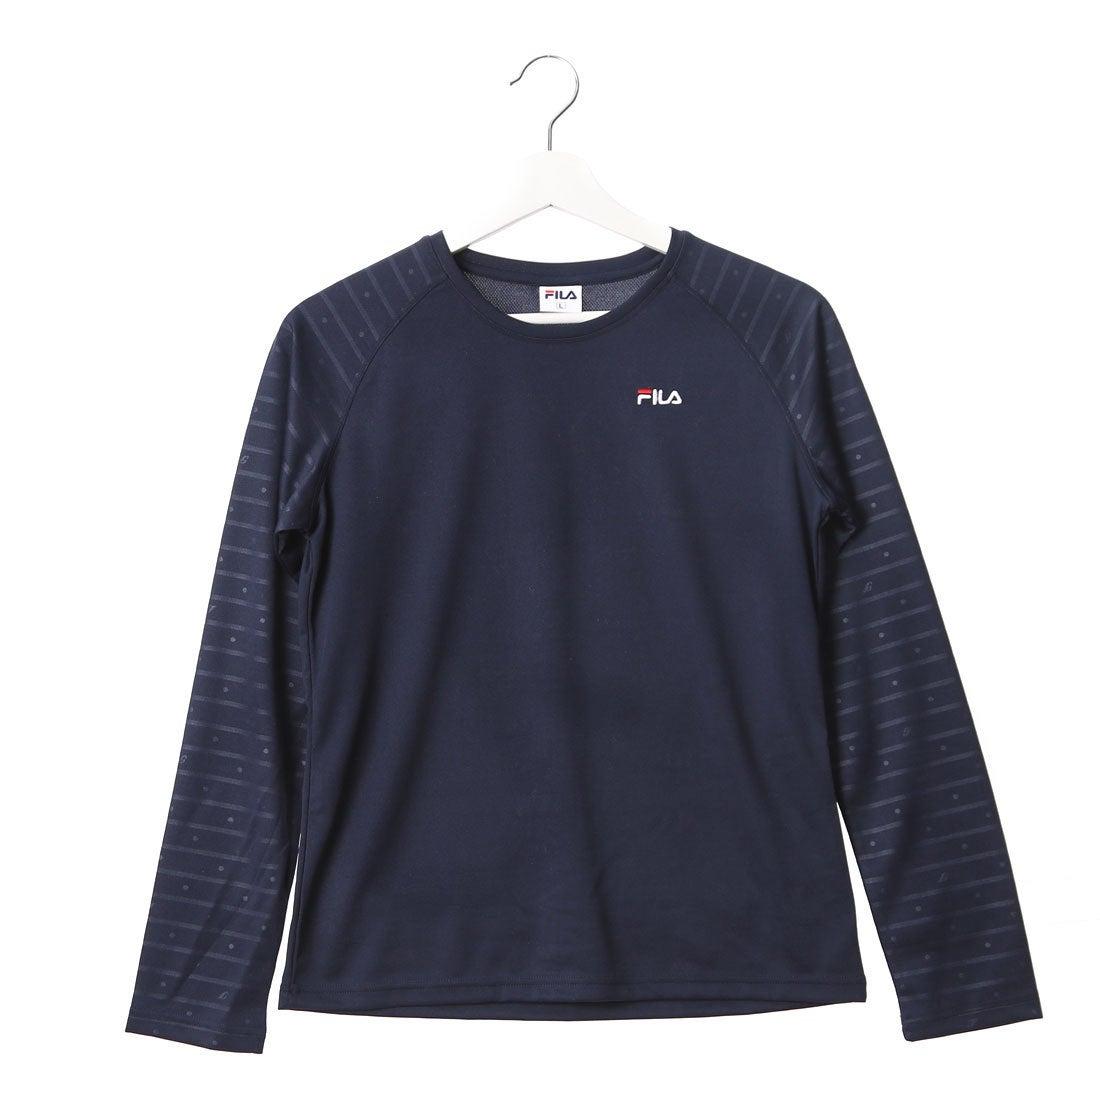 fd7f640b1b2 フィラ FILA Tシャツ FL-9A26015TL ネイビー (ネイビー) -スポーツ&アウトドア通販 ロコンドスポーツ (LOCOSPO)